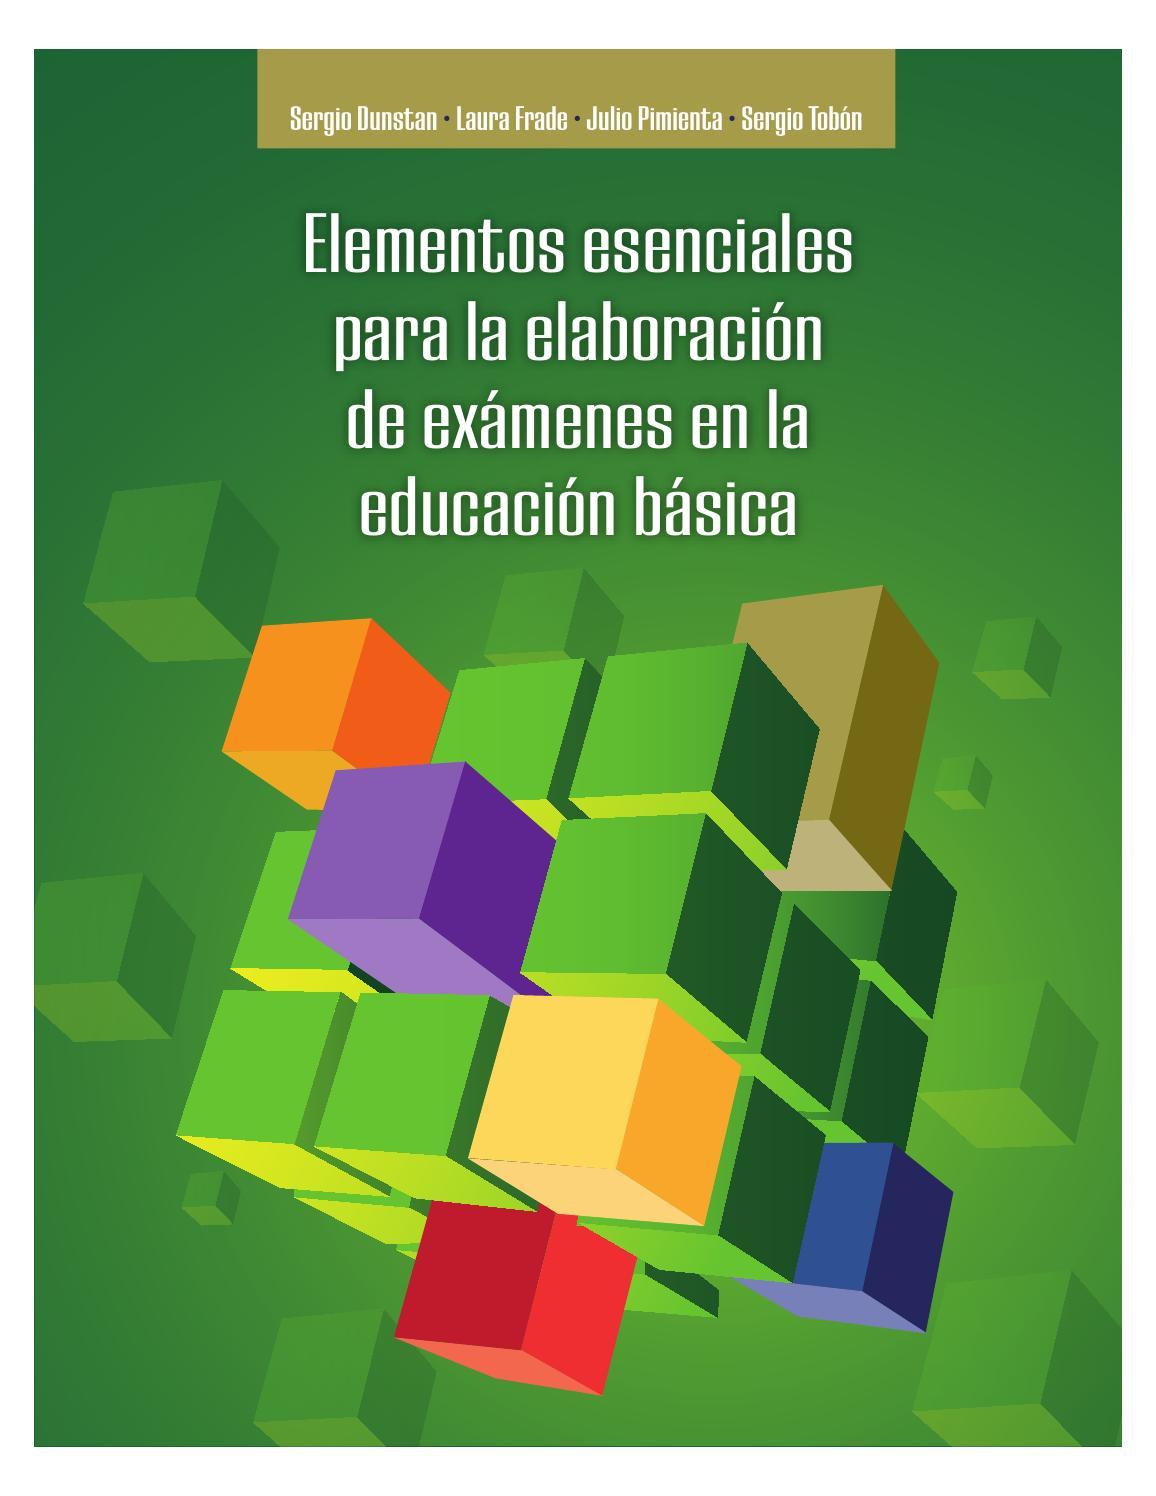 Elementos esenciales final para la elaboración de exámenes en la ...